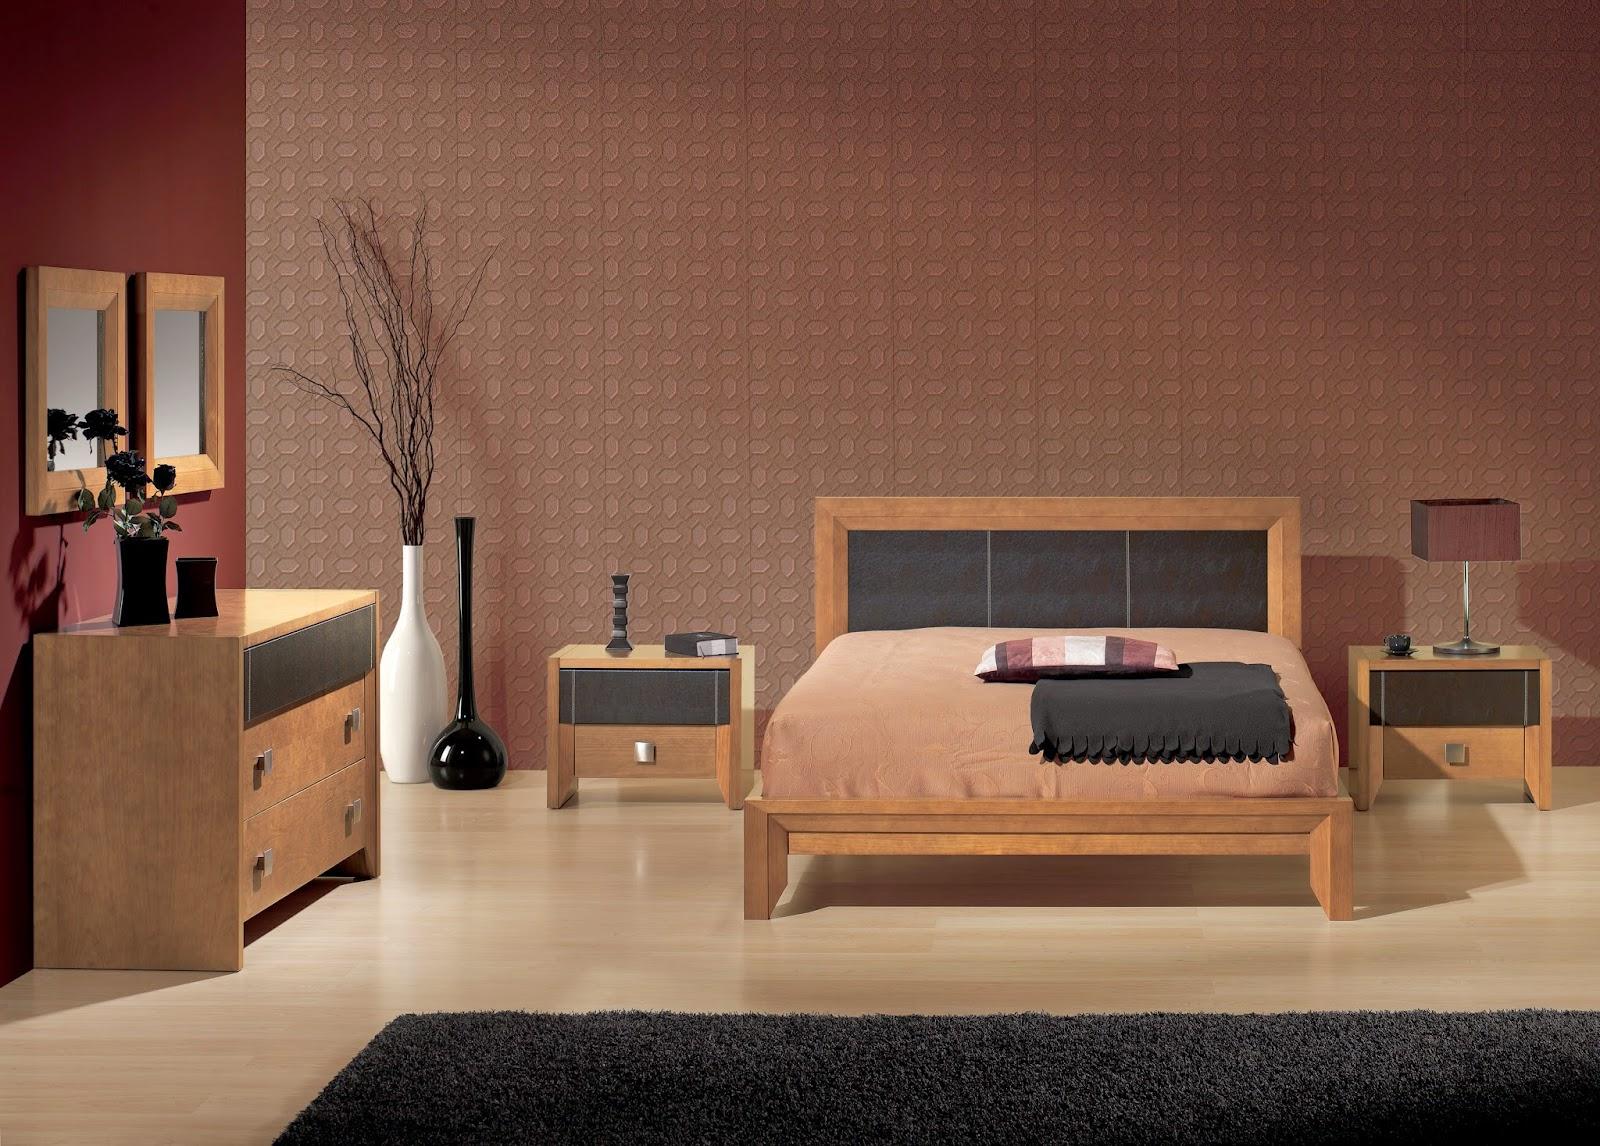 lojas de decoracao de interiores em leiria : lojas de decoracao de interiores em leiria: em pinho. Apresentam cabeceiras de camas de diferentes modelos